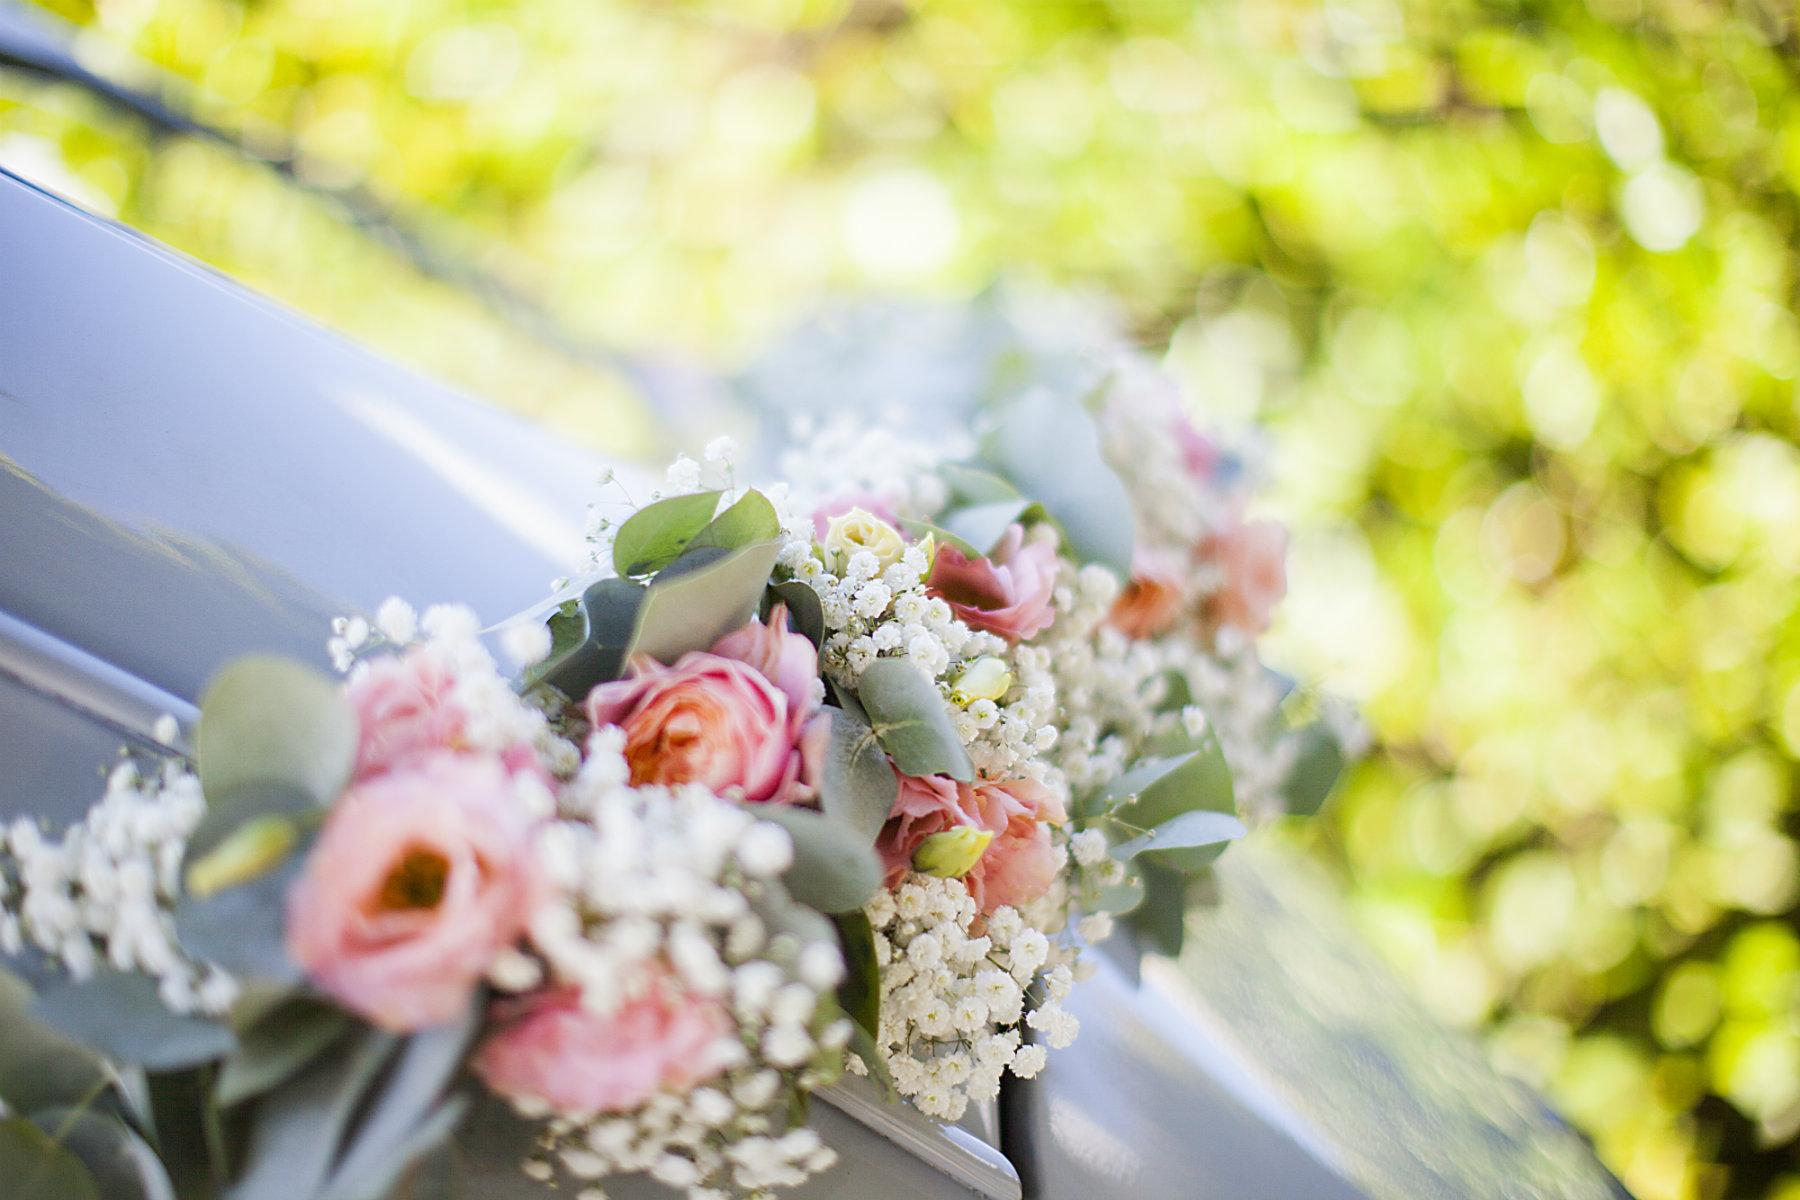 prix decoration voiture mariage fleuriste awesome dposer un bouquet la vierge marie lors de. Black Bedroom Furniture Sets. Home Design Ideas